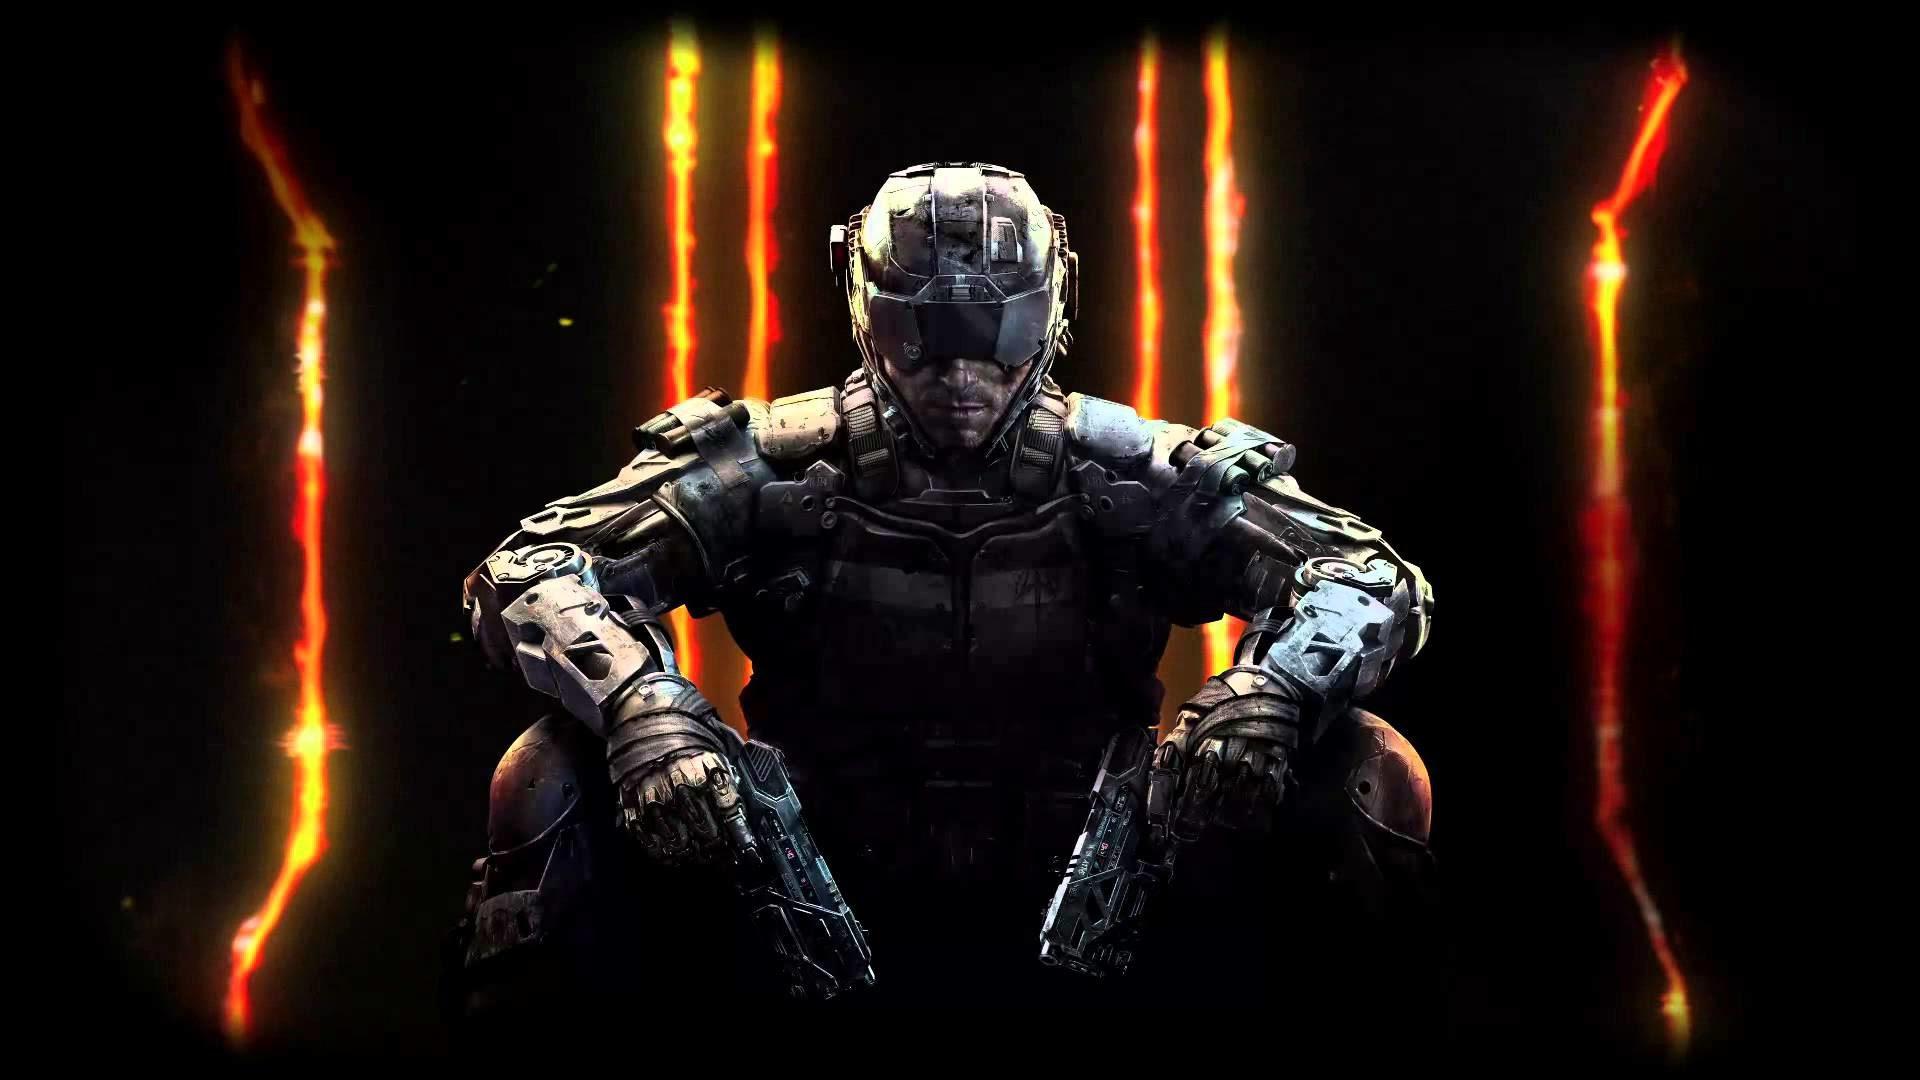 Black Ops 3 Live Wallpaper 86 Images